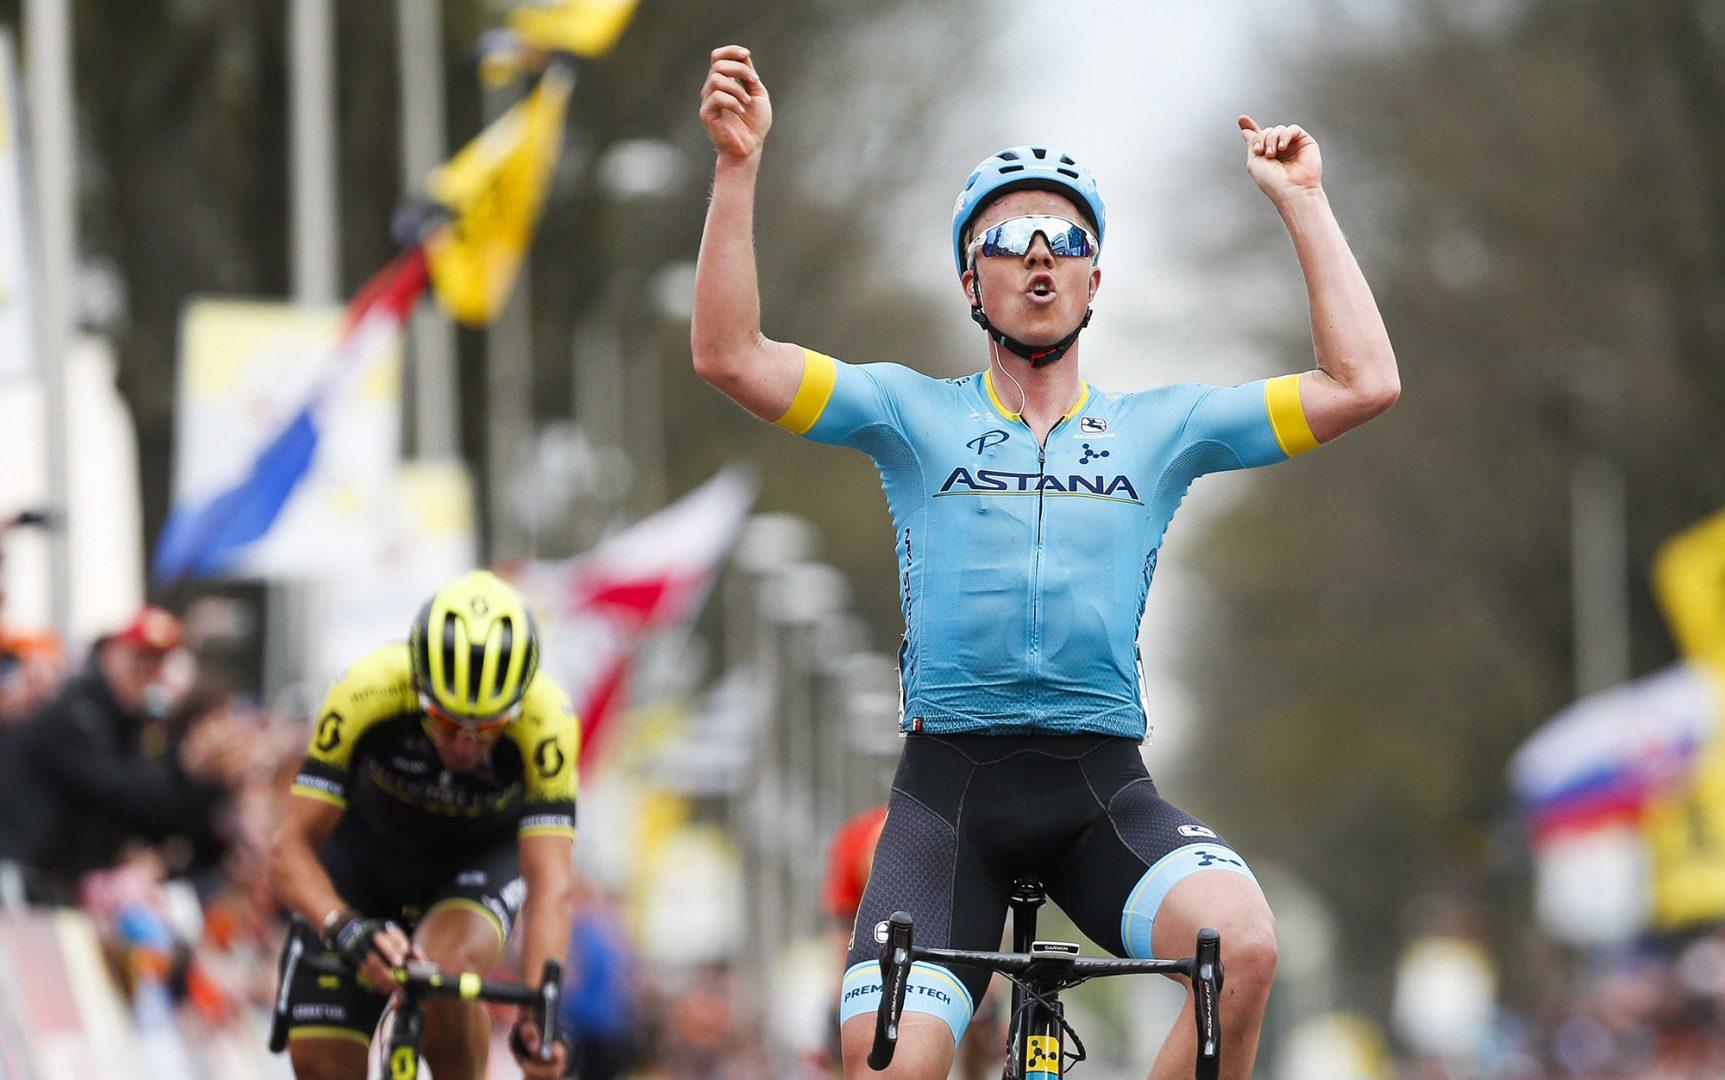 Michael Valgren Andersen (Astana) sorprendió a los favoritos para imponerse en un alarde de fuerza en la Amstel Gold Race (Foto: EFE/EPA/MARCEL VAN HOORN).